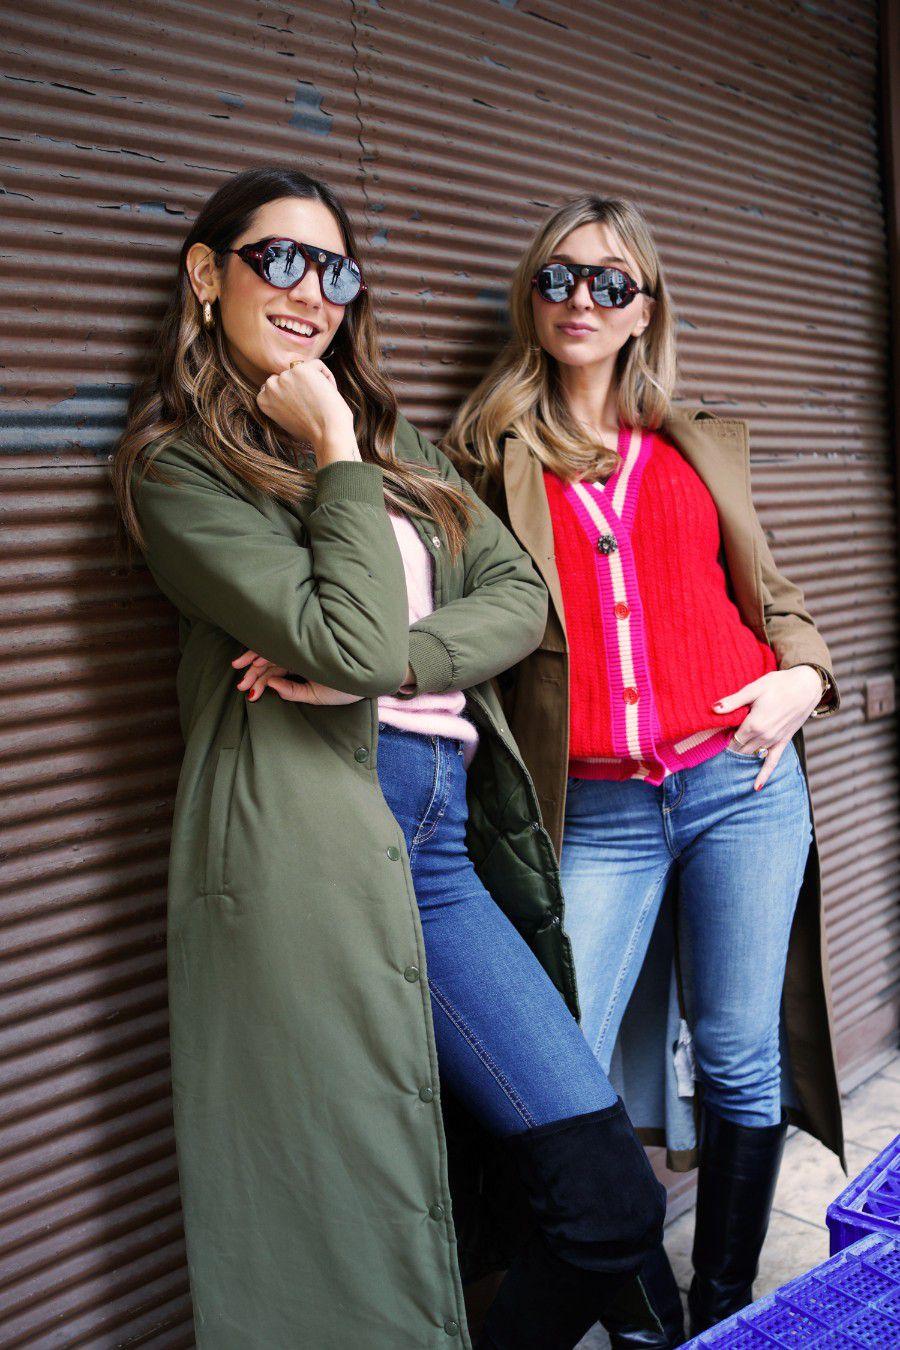 Rita i Nika obožavaju crvene modele IZIPIZI naočala